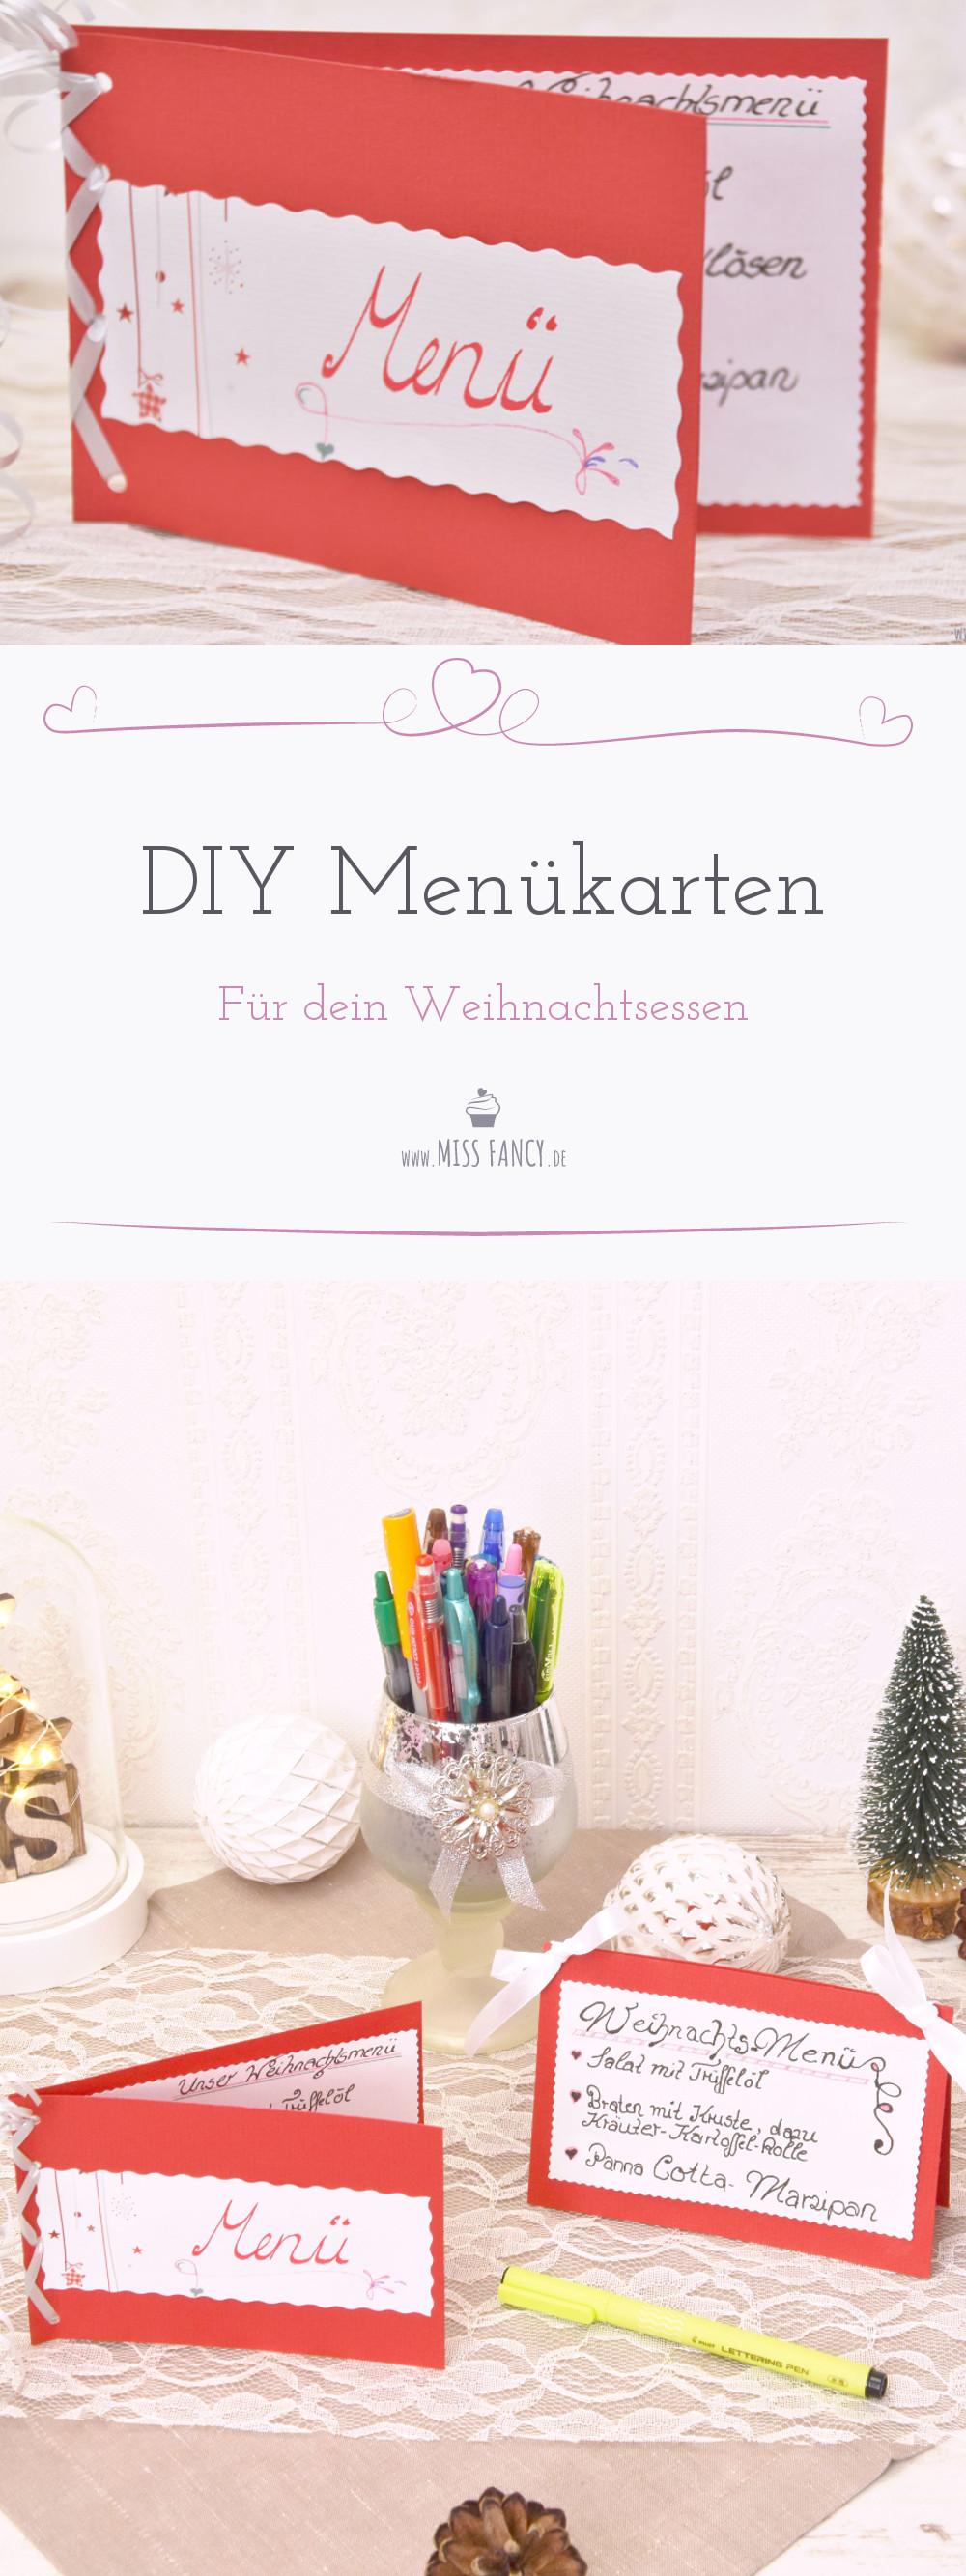 DIY-Weihnachtsmenükarte-selber-gestalten